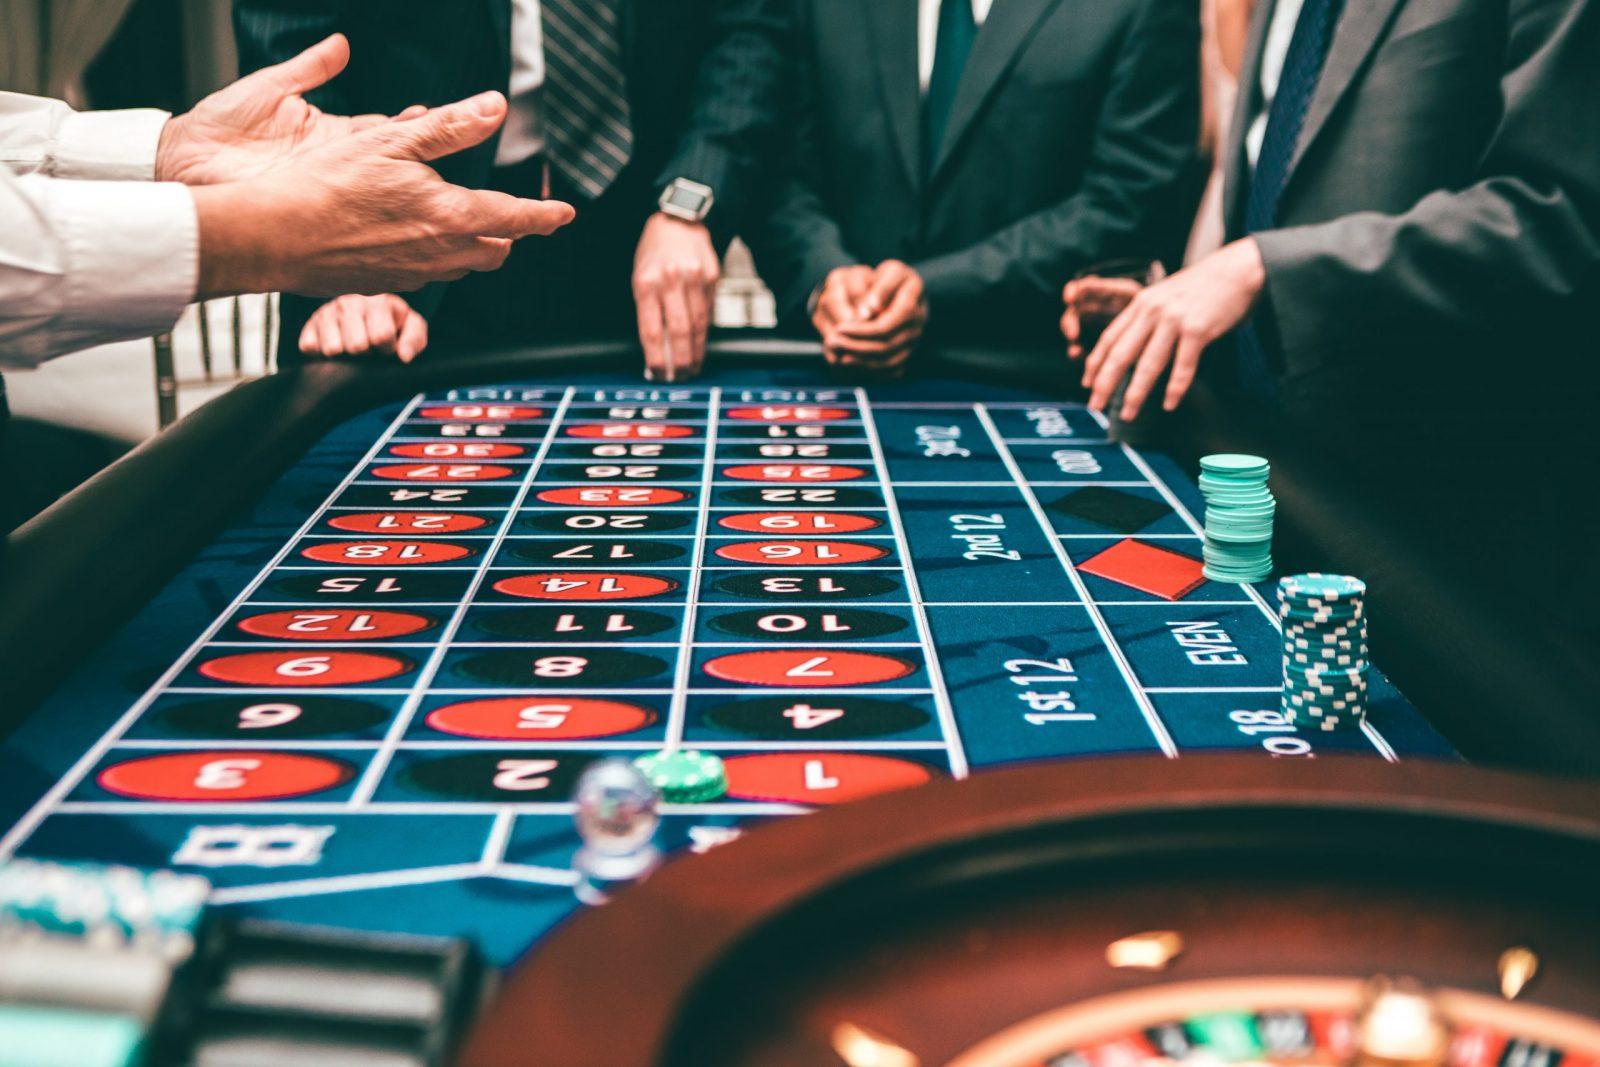 Comment évoluent les casinos en ligne face au COVID-19 ?